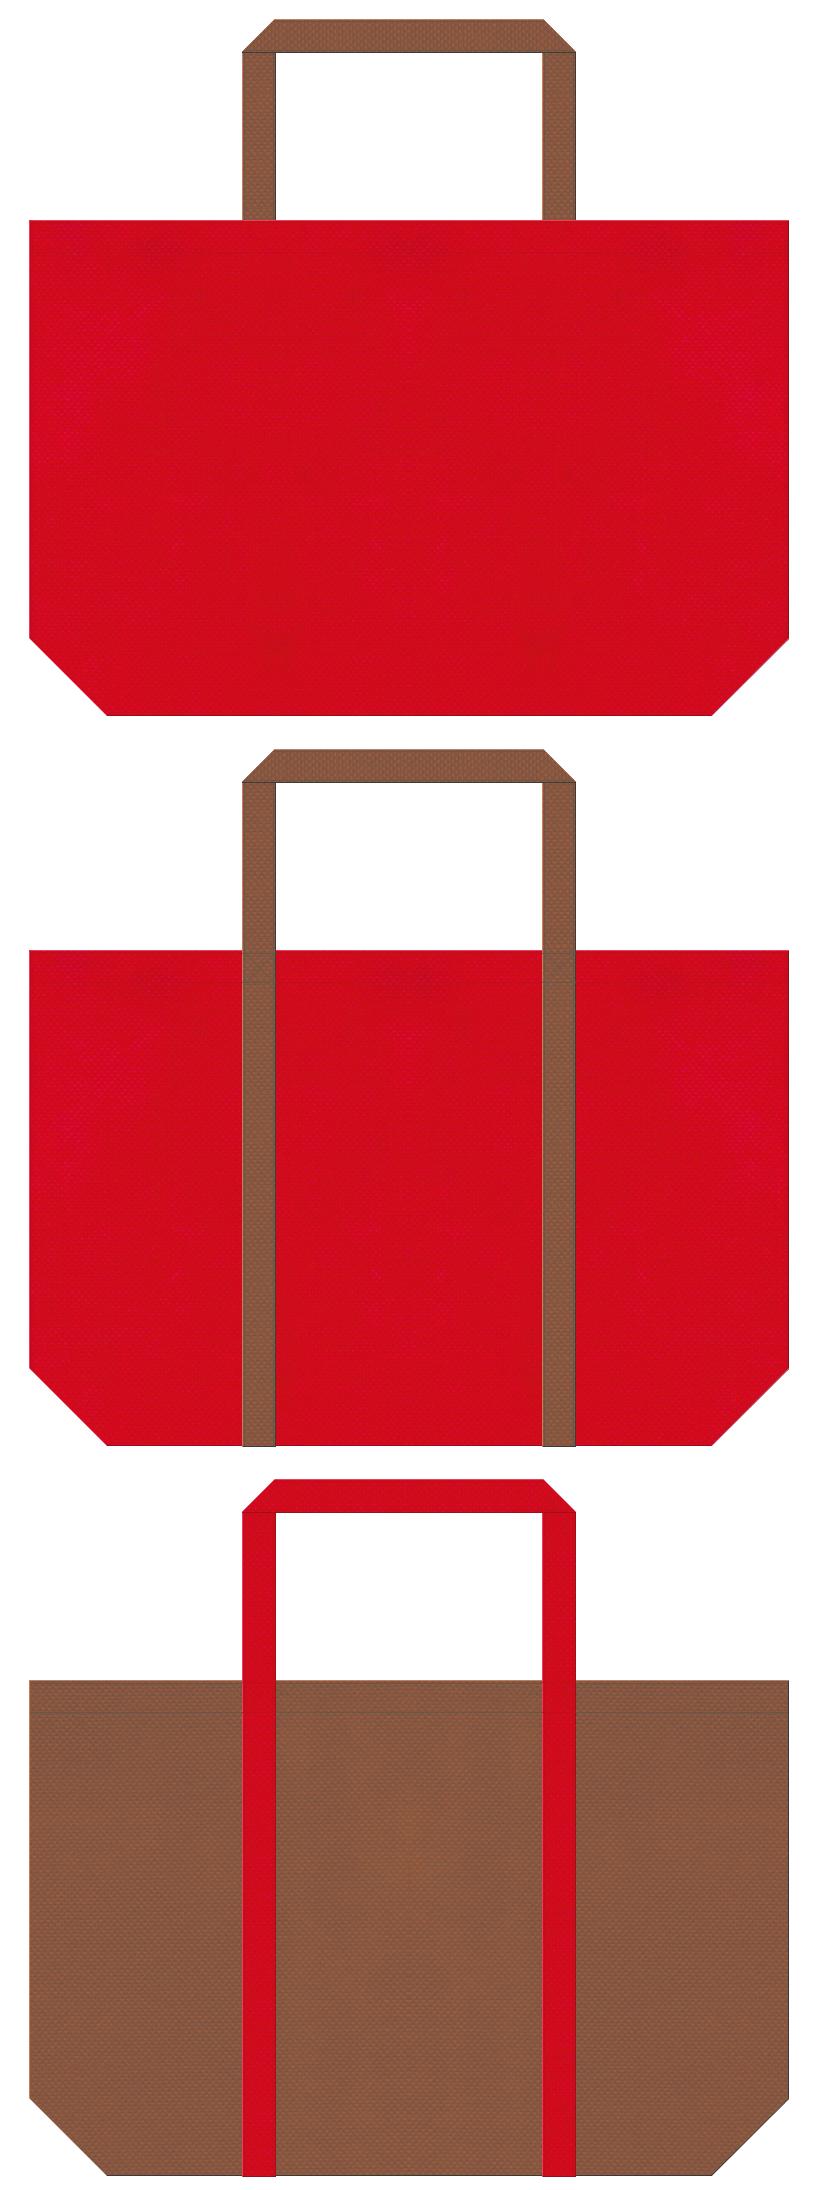 不織布ショッピングバッグのデザイン:紅色と茶色のコーデ。クリスマス商品のショッピングバッグにお奨めです。